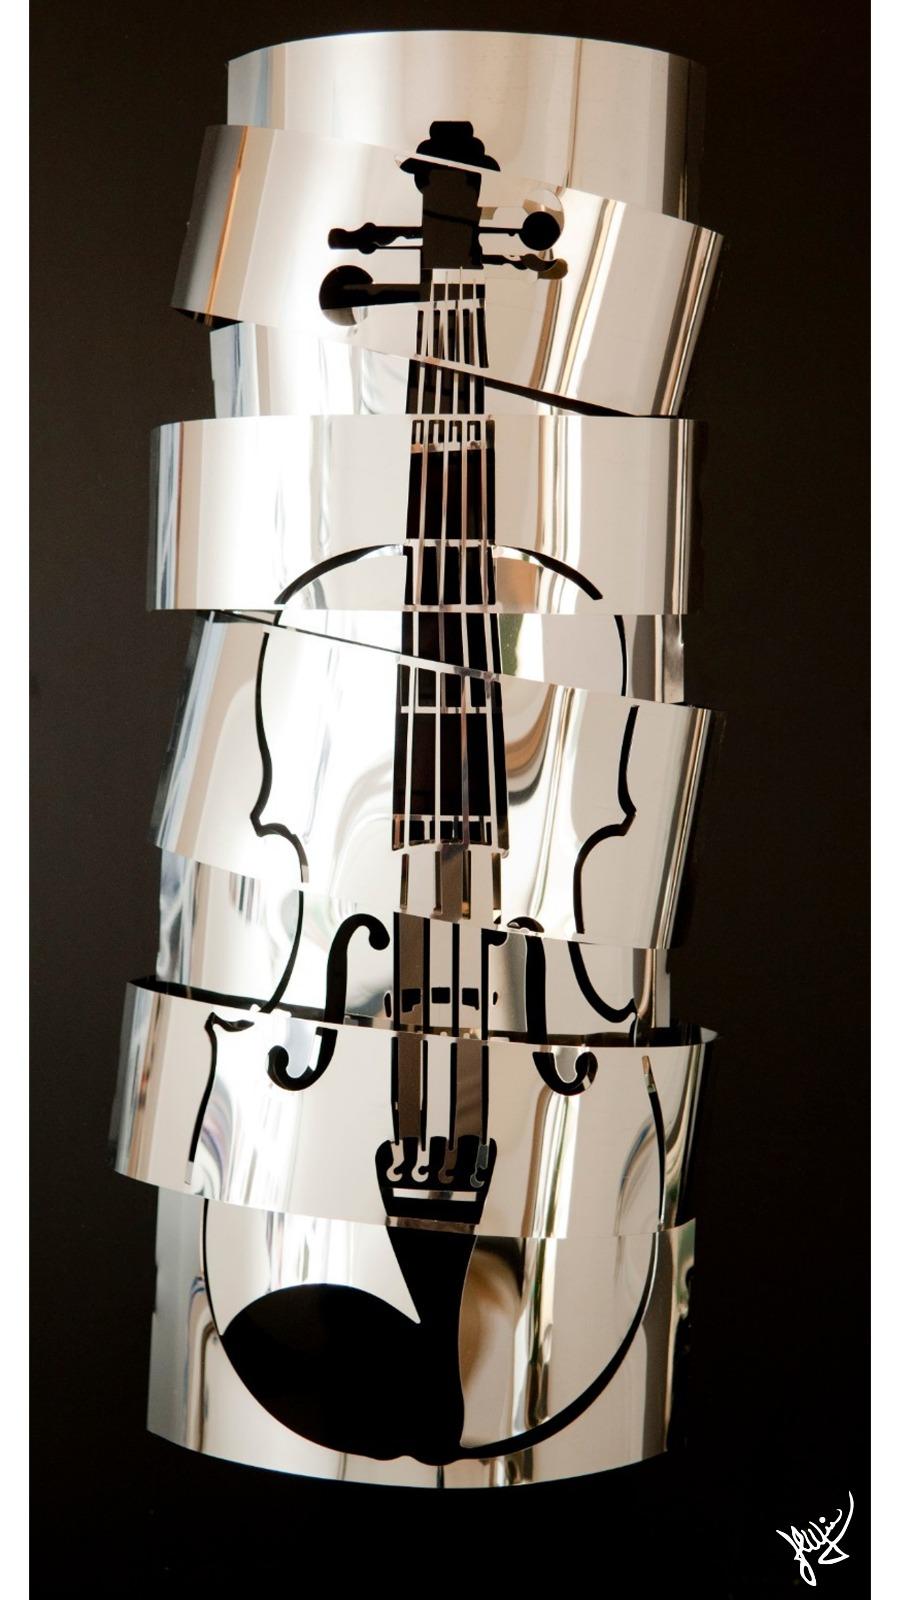 1° Violino   Specchiato